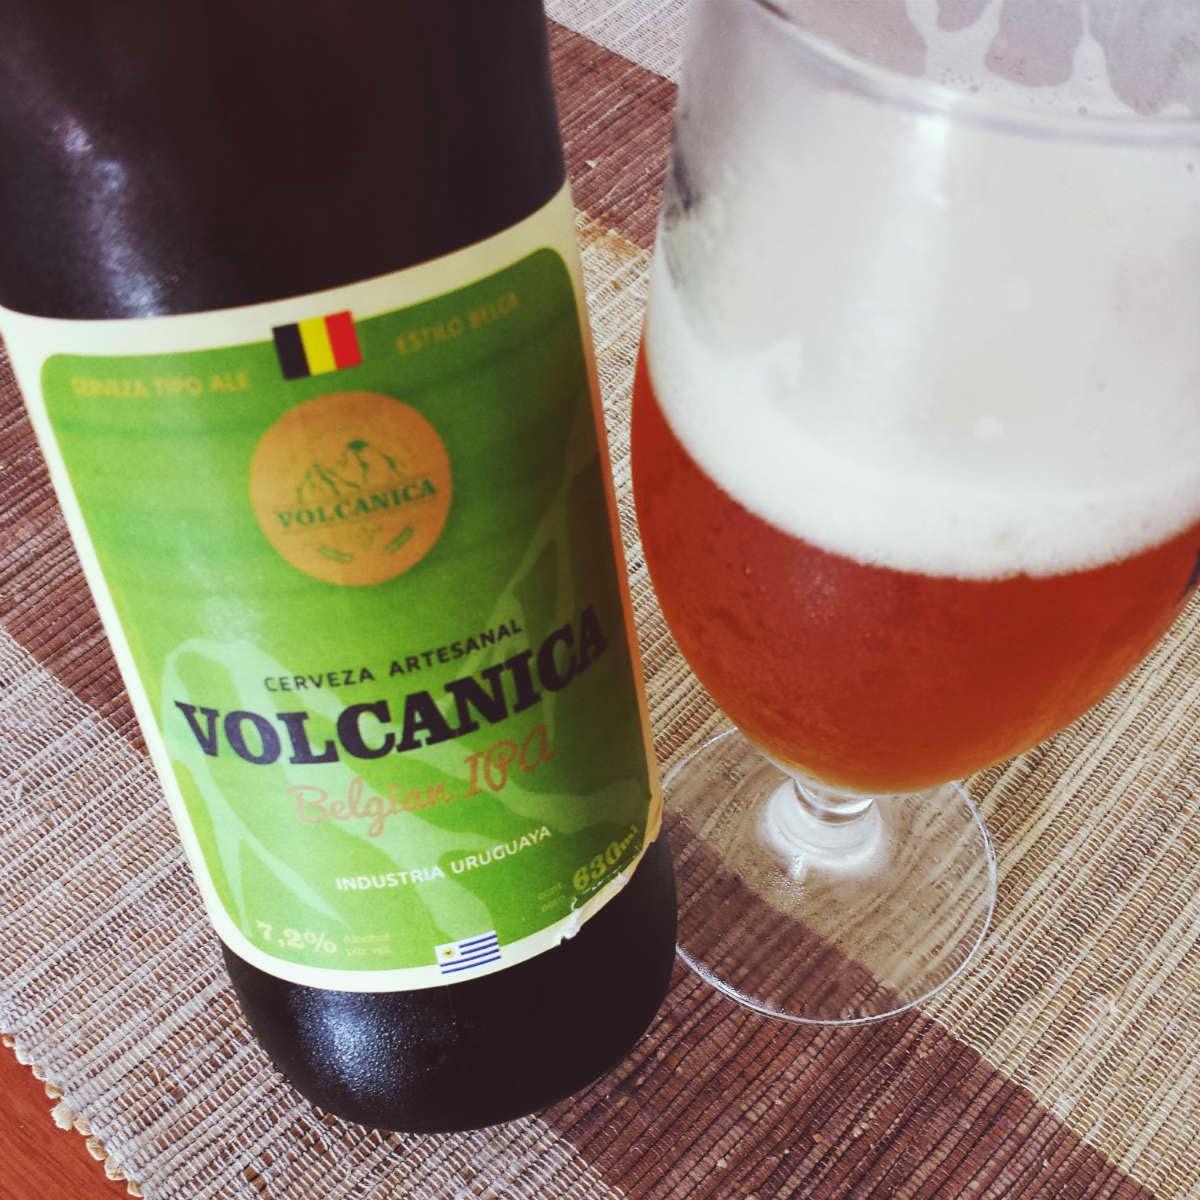 Cervejarias artesanais uruguaias